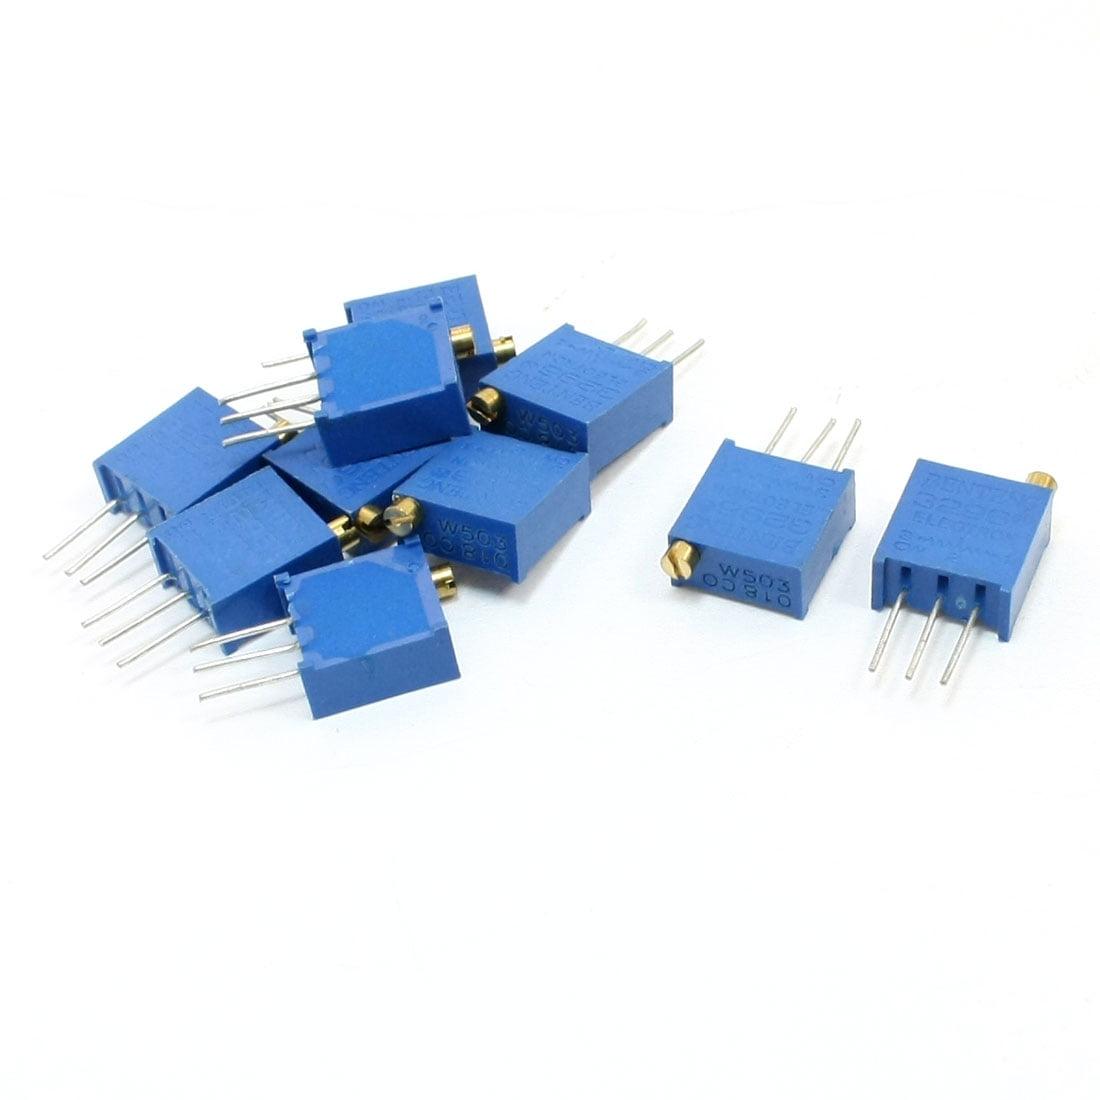 10Pcs 50K Ohm Adjustable Cermet Multiturn Potentiometer for Trimmer